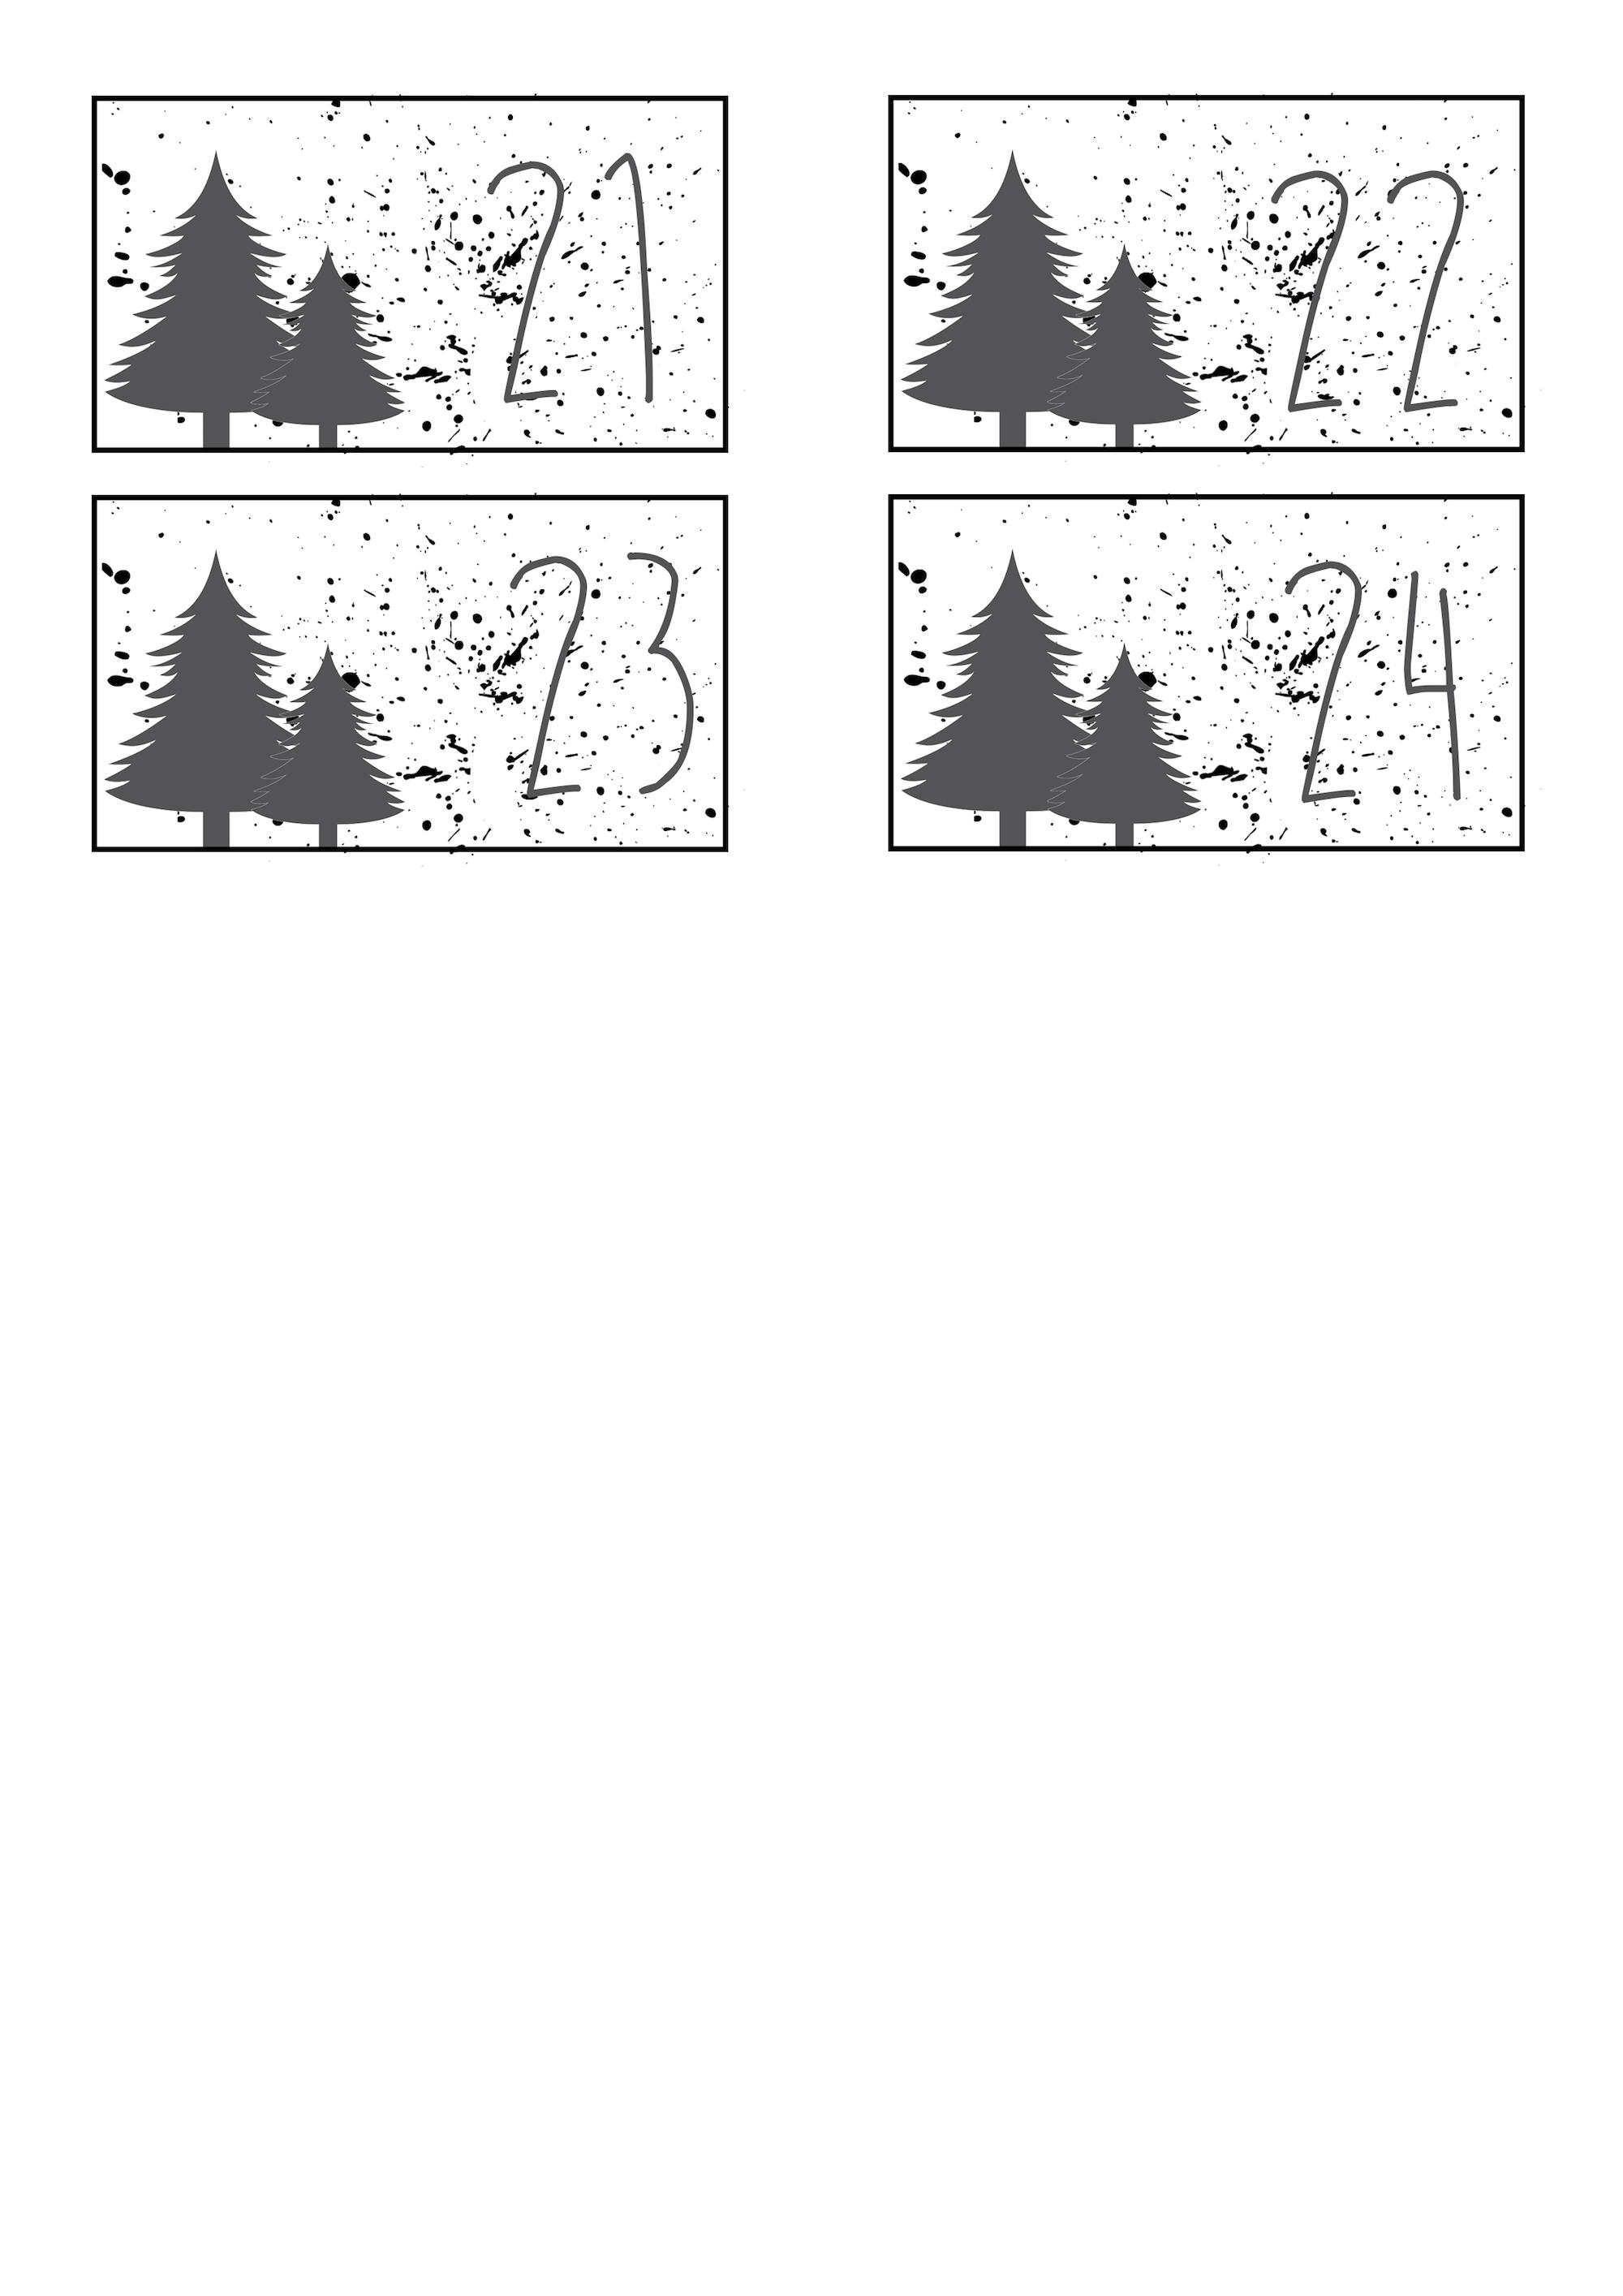 adventskalender_vorlagen_mit_tannen-14